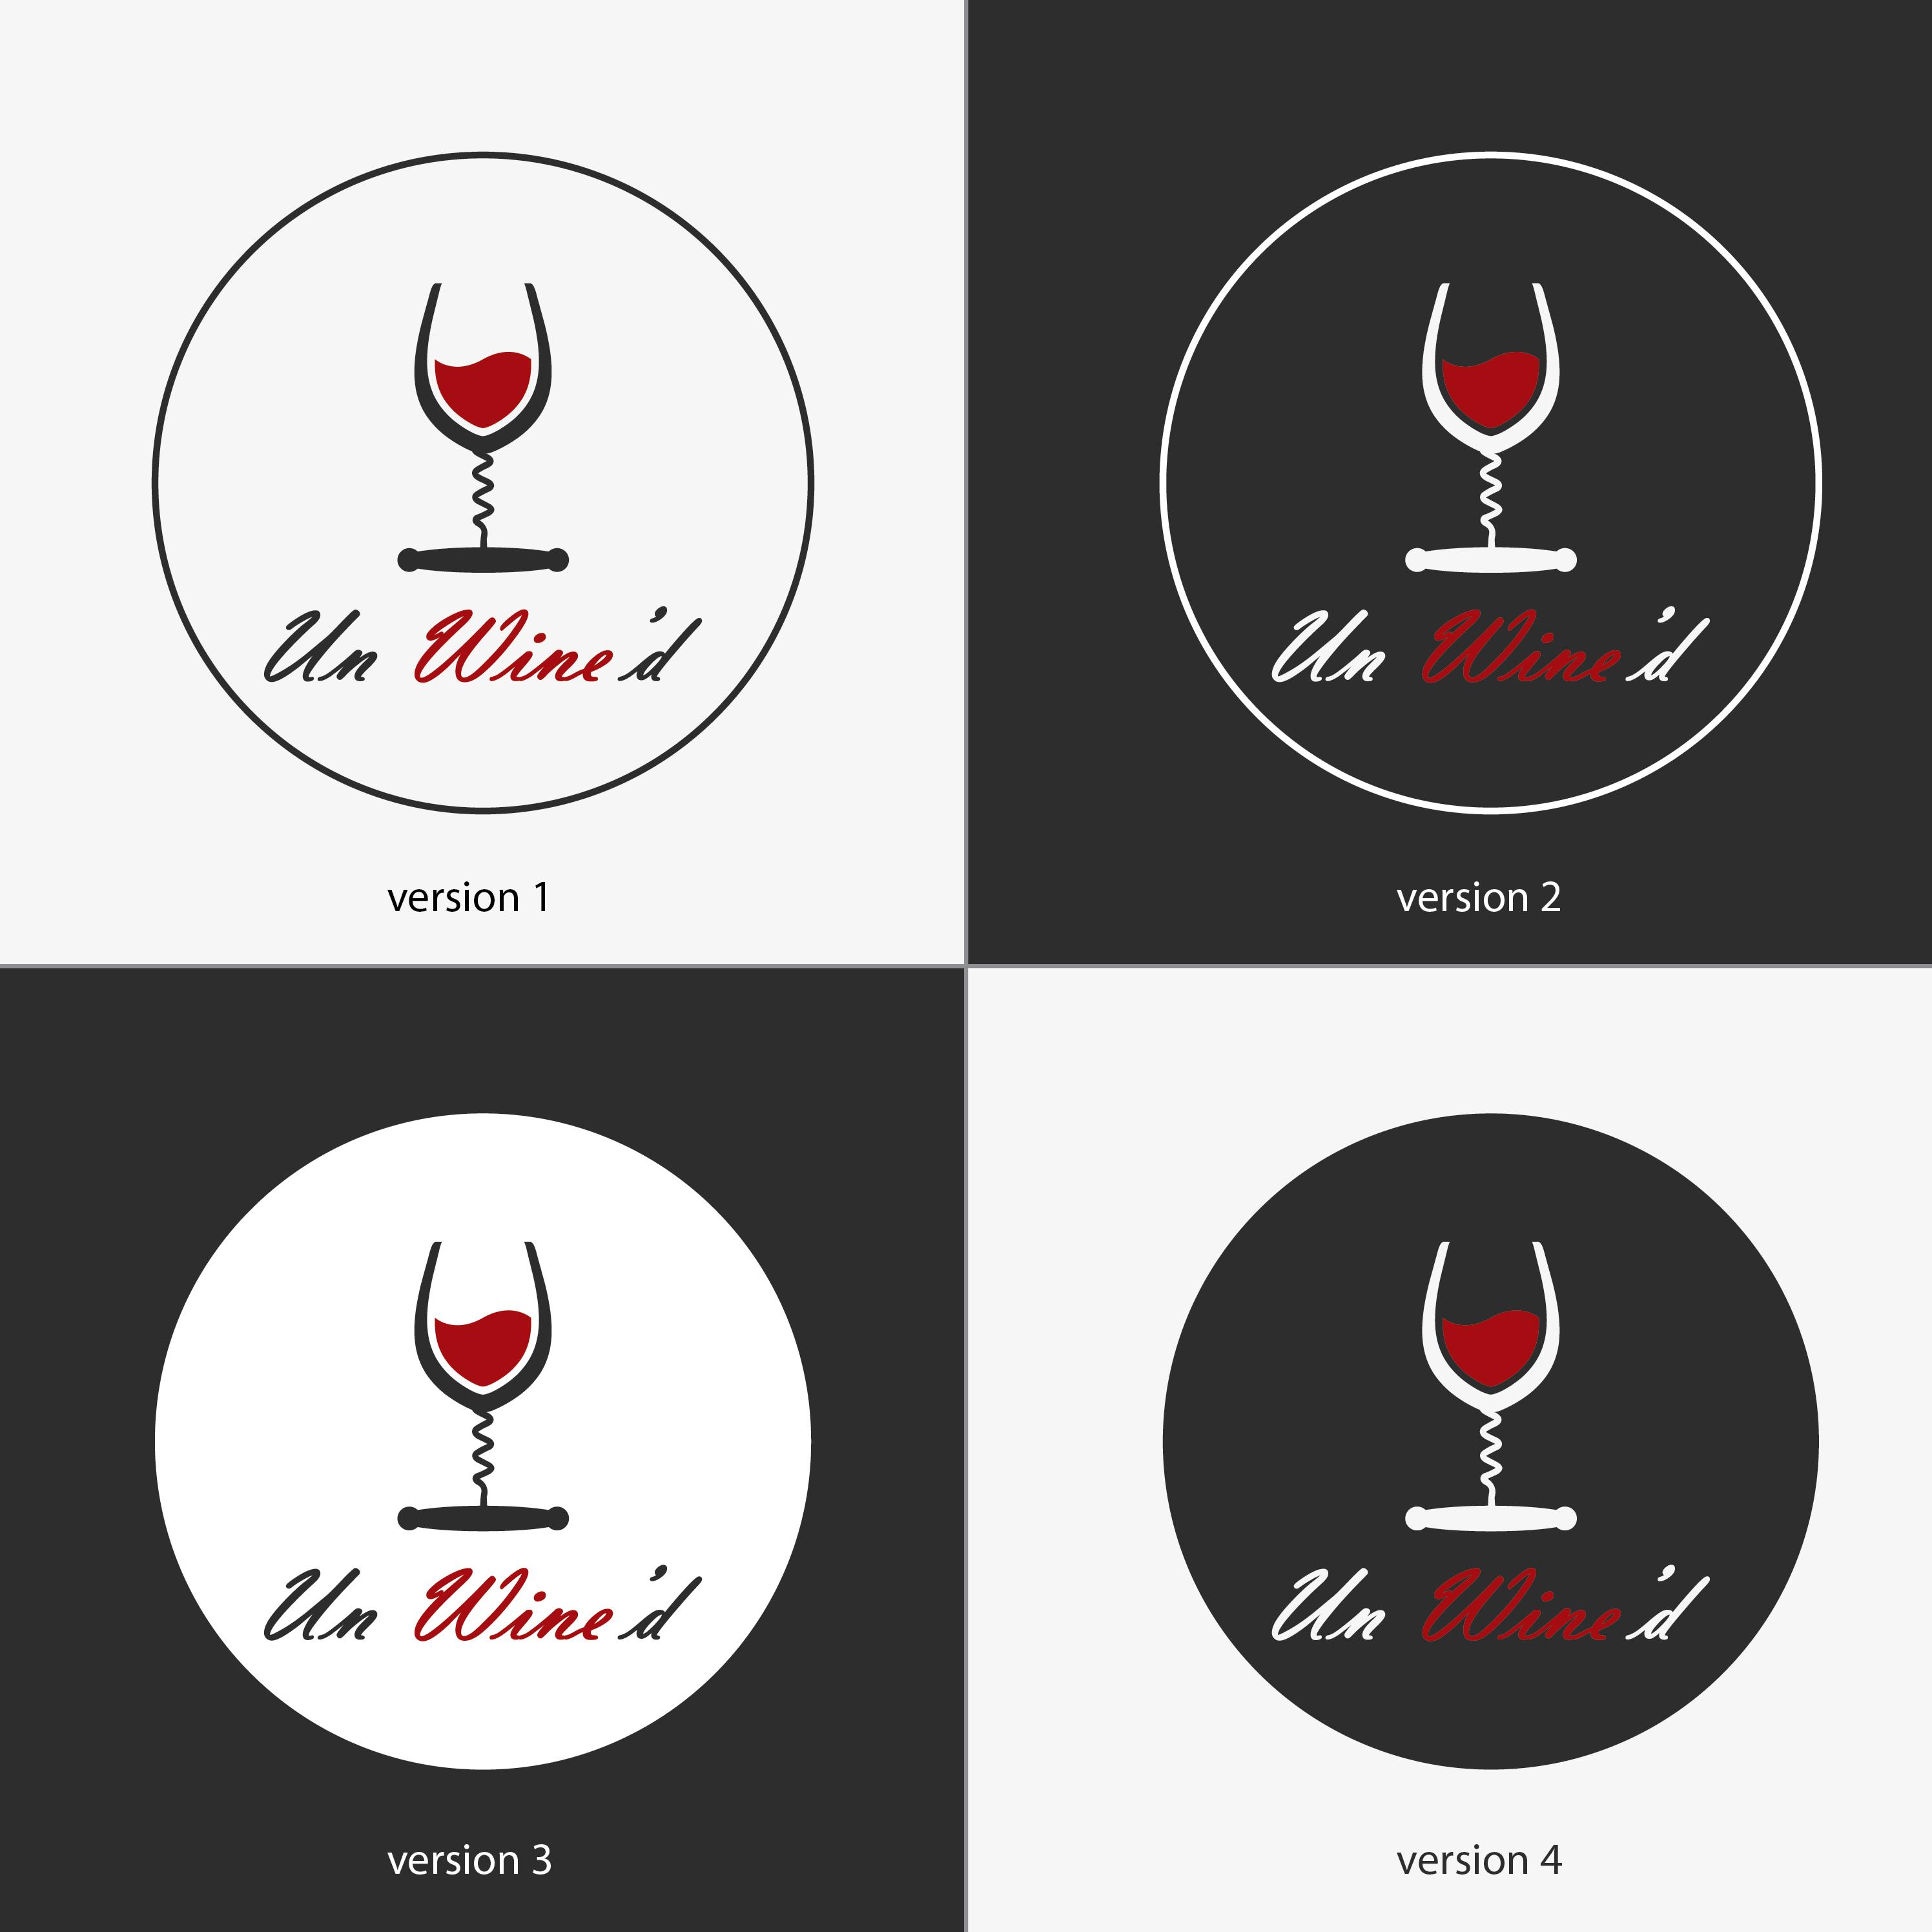 Wine bar needs to UnWined